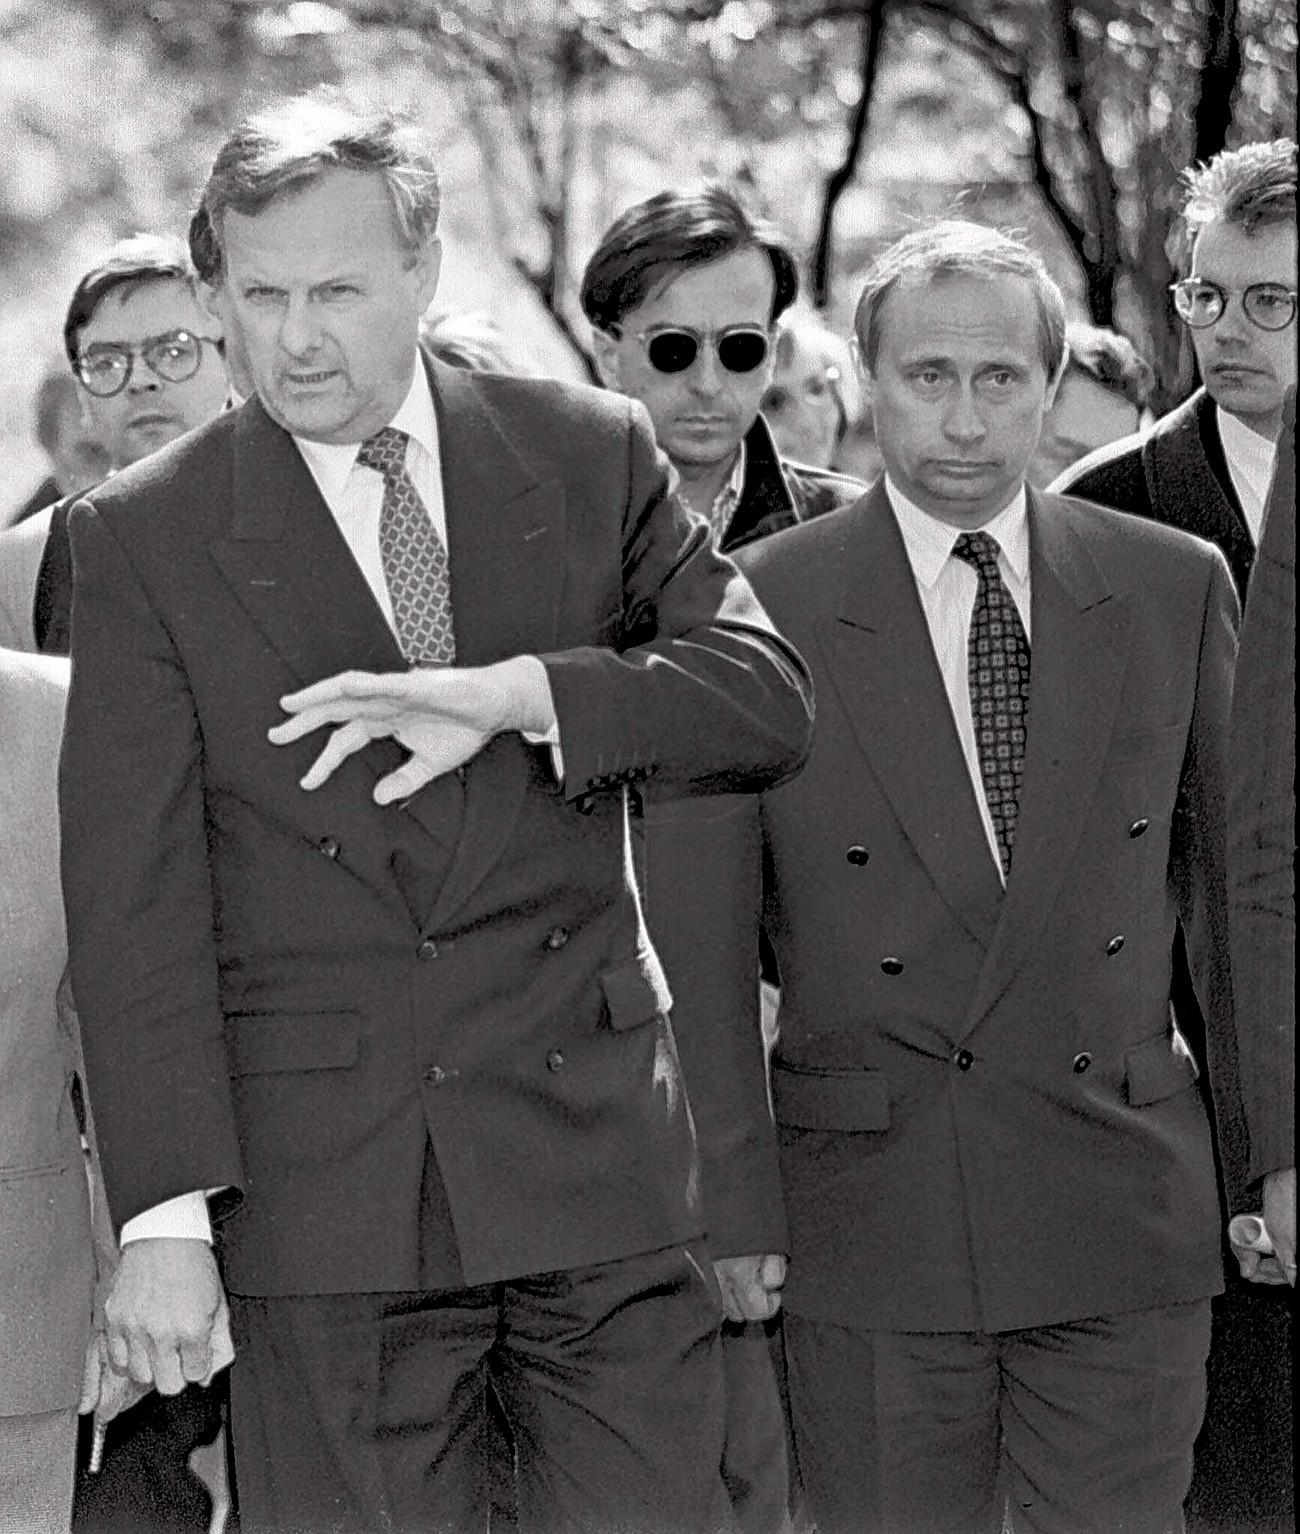 Putin saat mendampingi Walikota Sankt Peterburg Anatoly Sobchak (kiri), 1994.